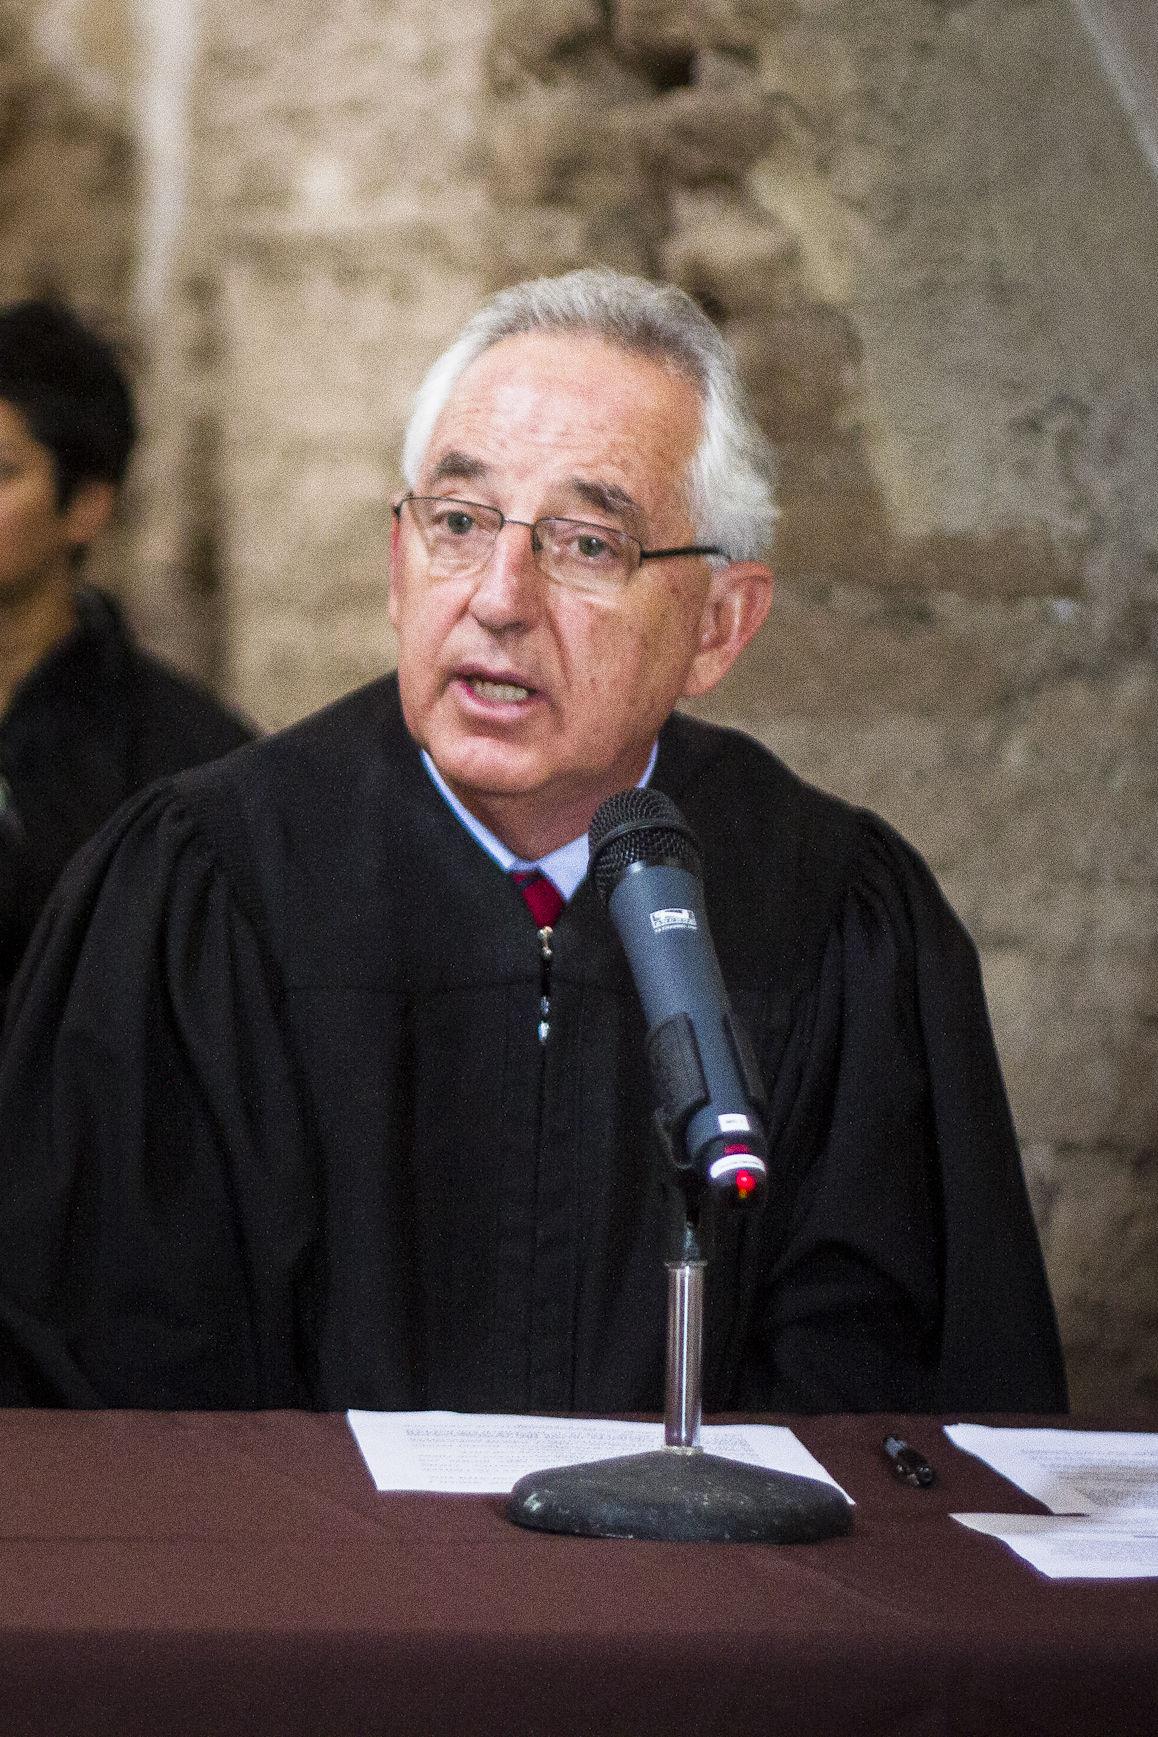 Judge James A. Soto